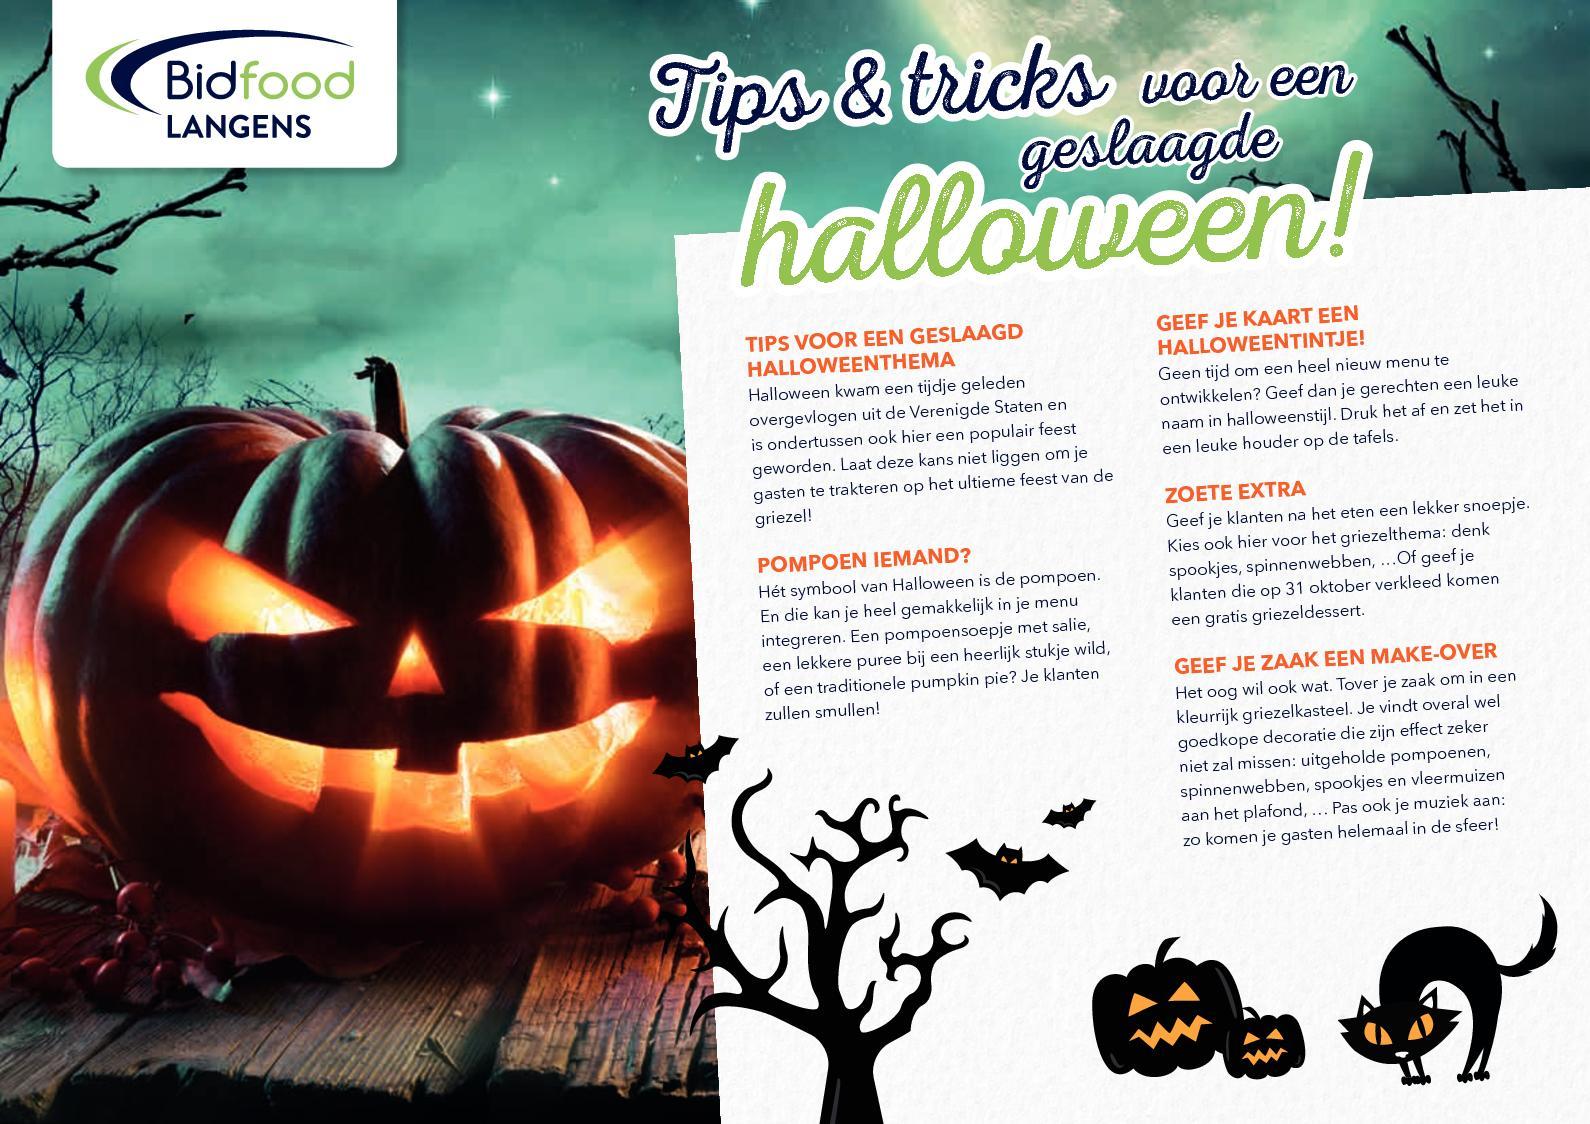 Uit Eten Met Halloween.Calameo 17 Bidv 9751 Fb Post Halloween Op Uw Maat Part